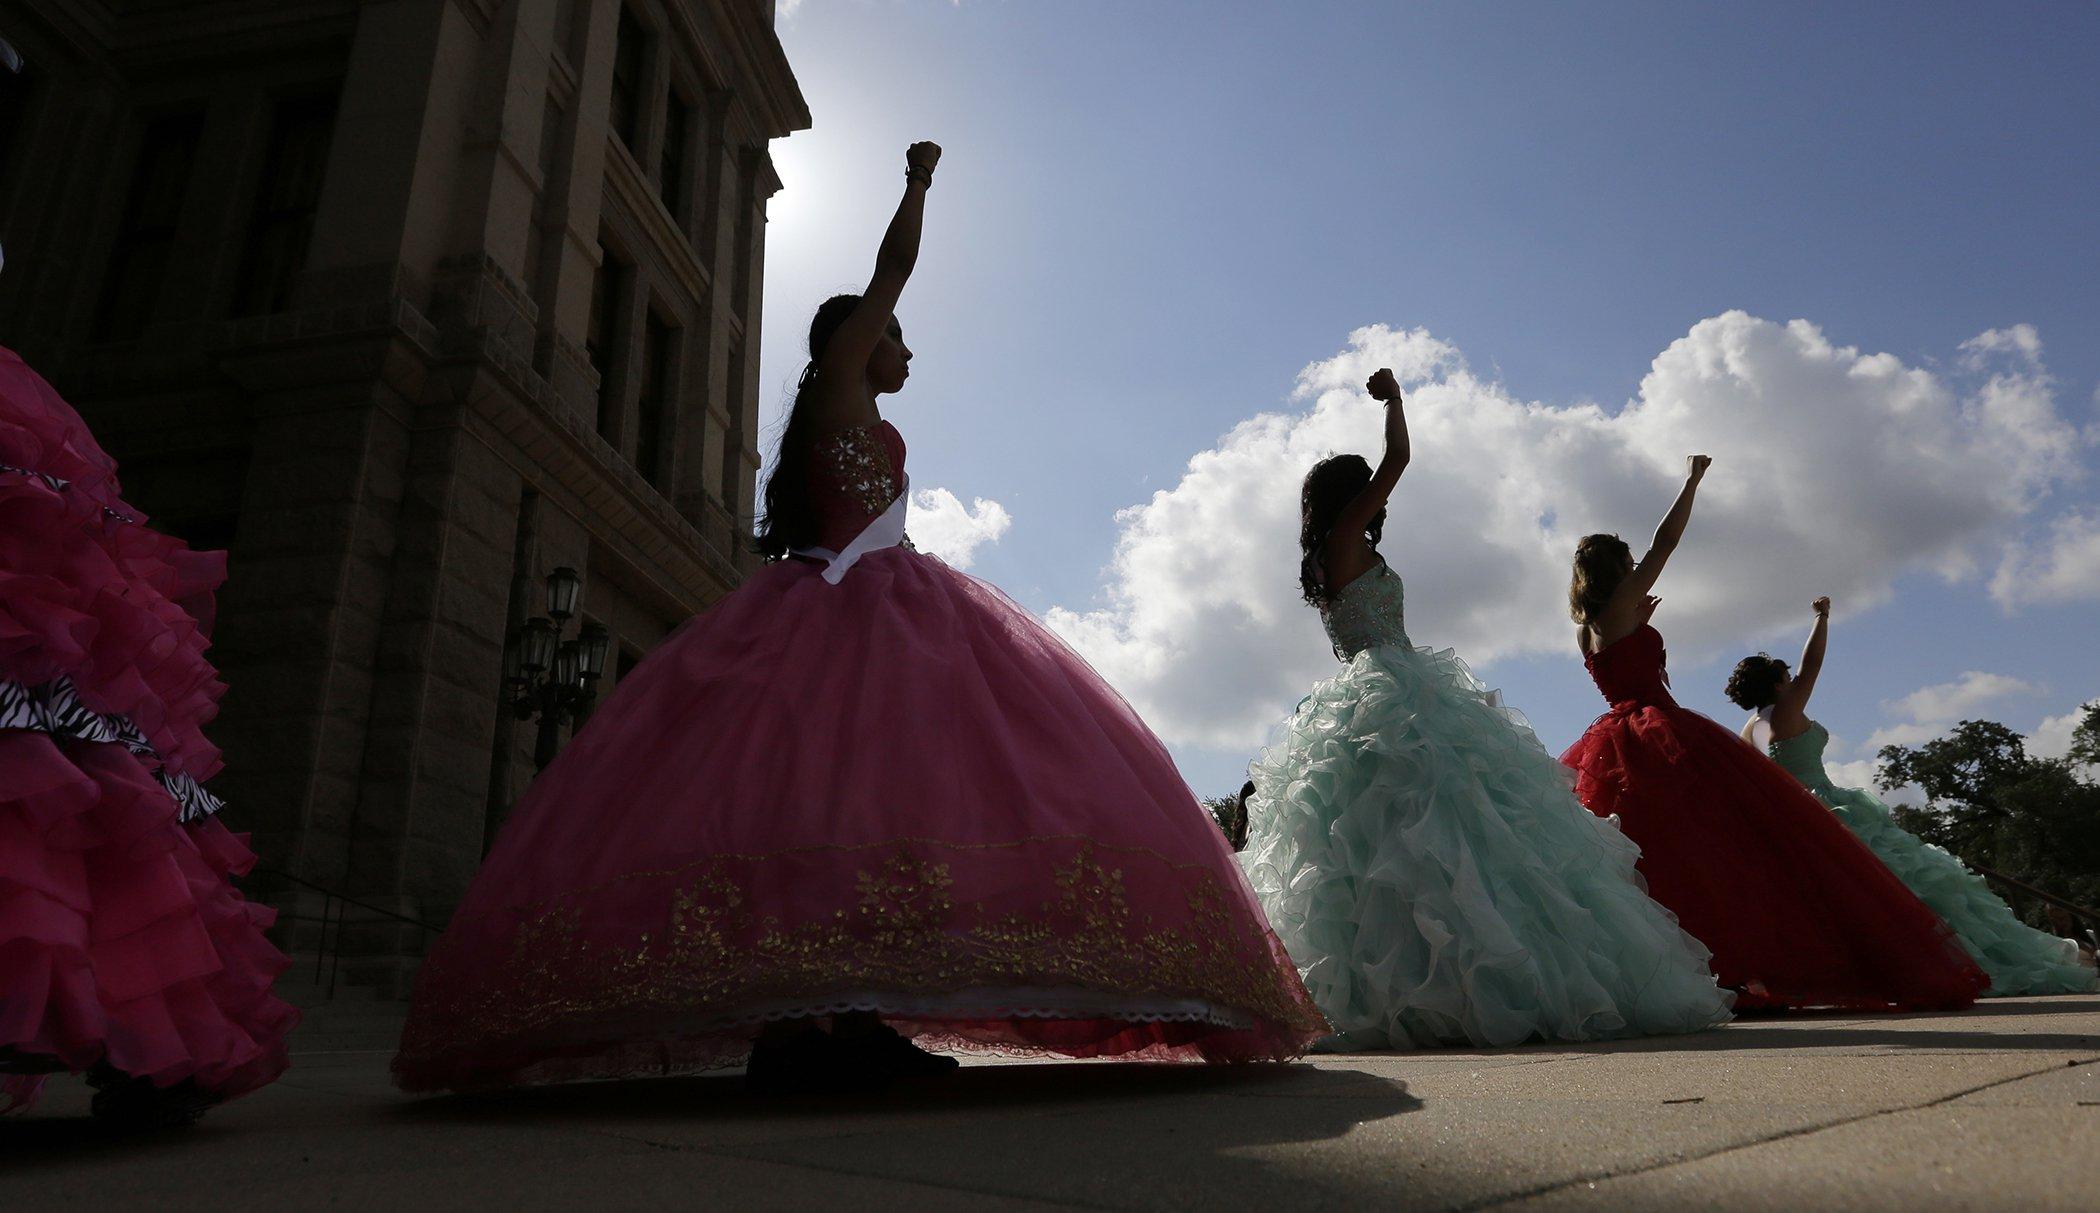 Women-In-2017-Quinceañeras-Texas.jpg